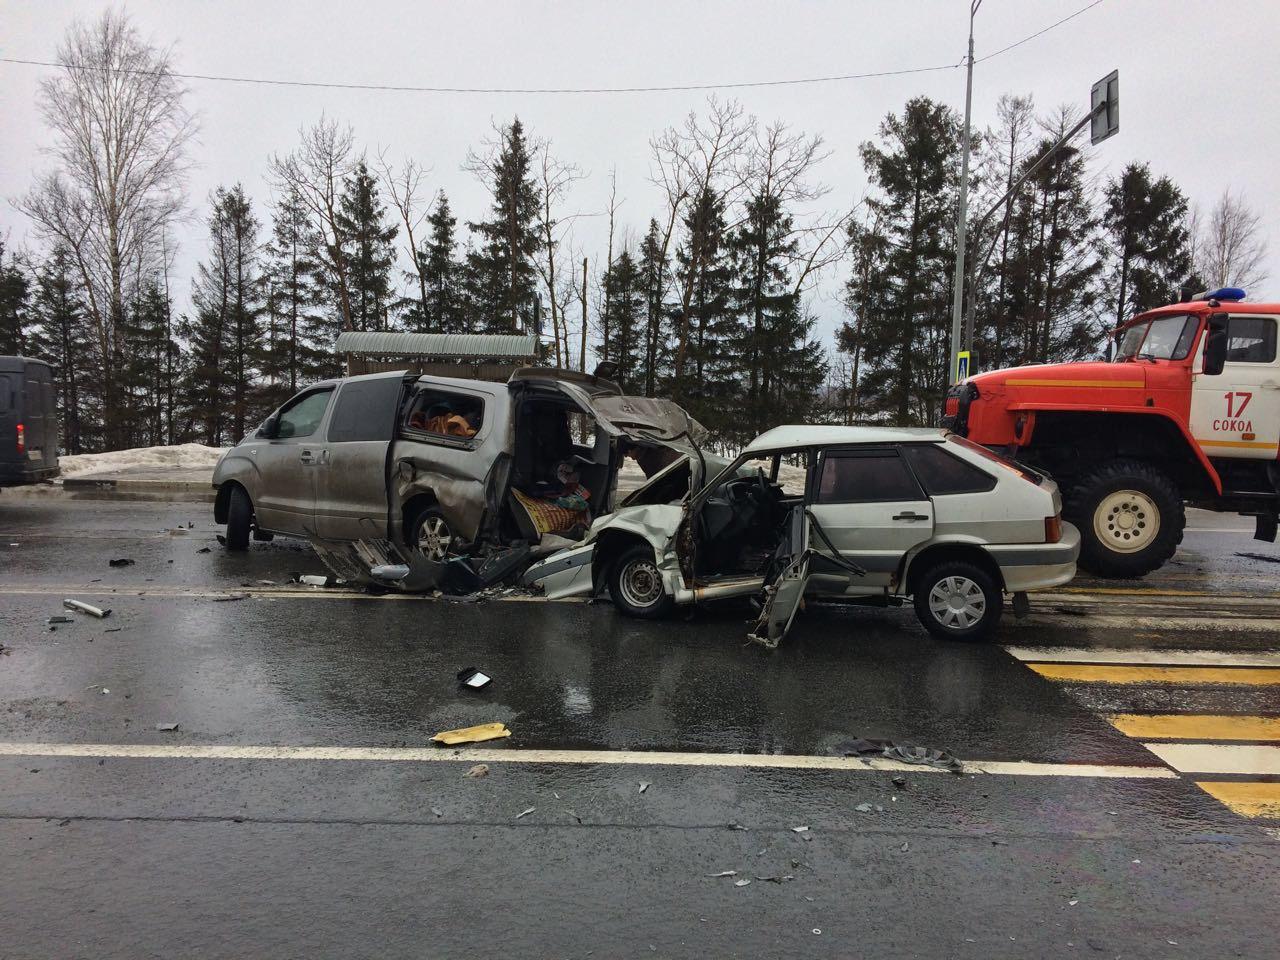 Три человека получили травмы в ДТП вблизи деревни Оларево в Сокольском районе